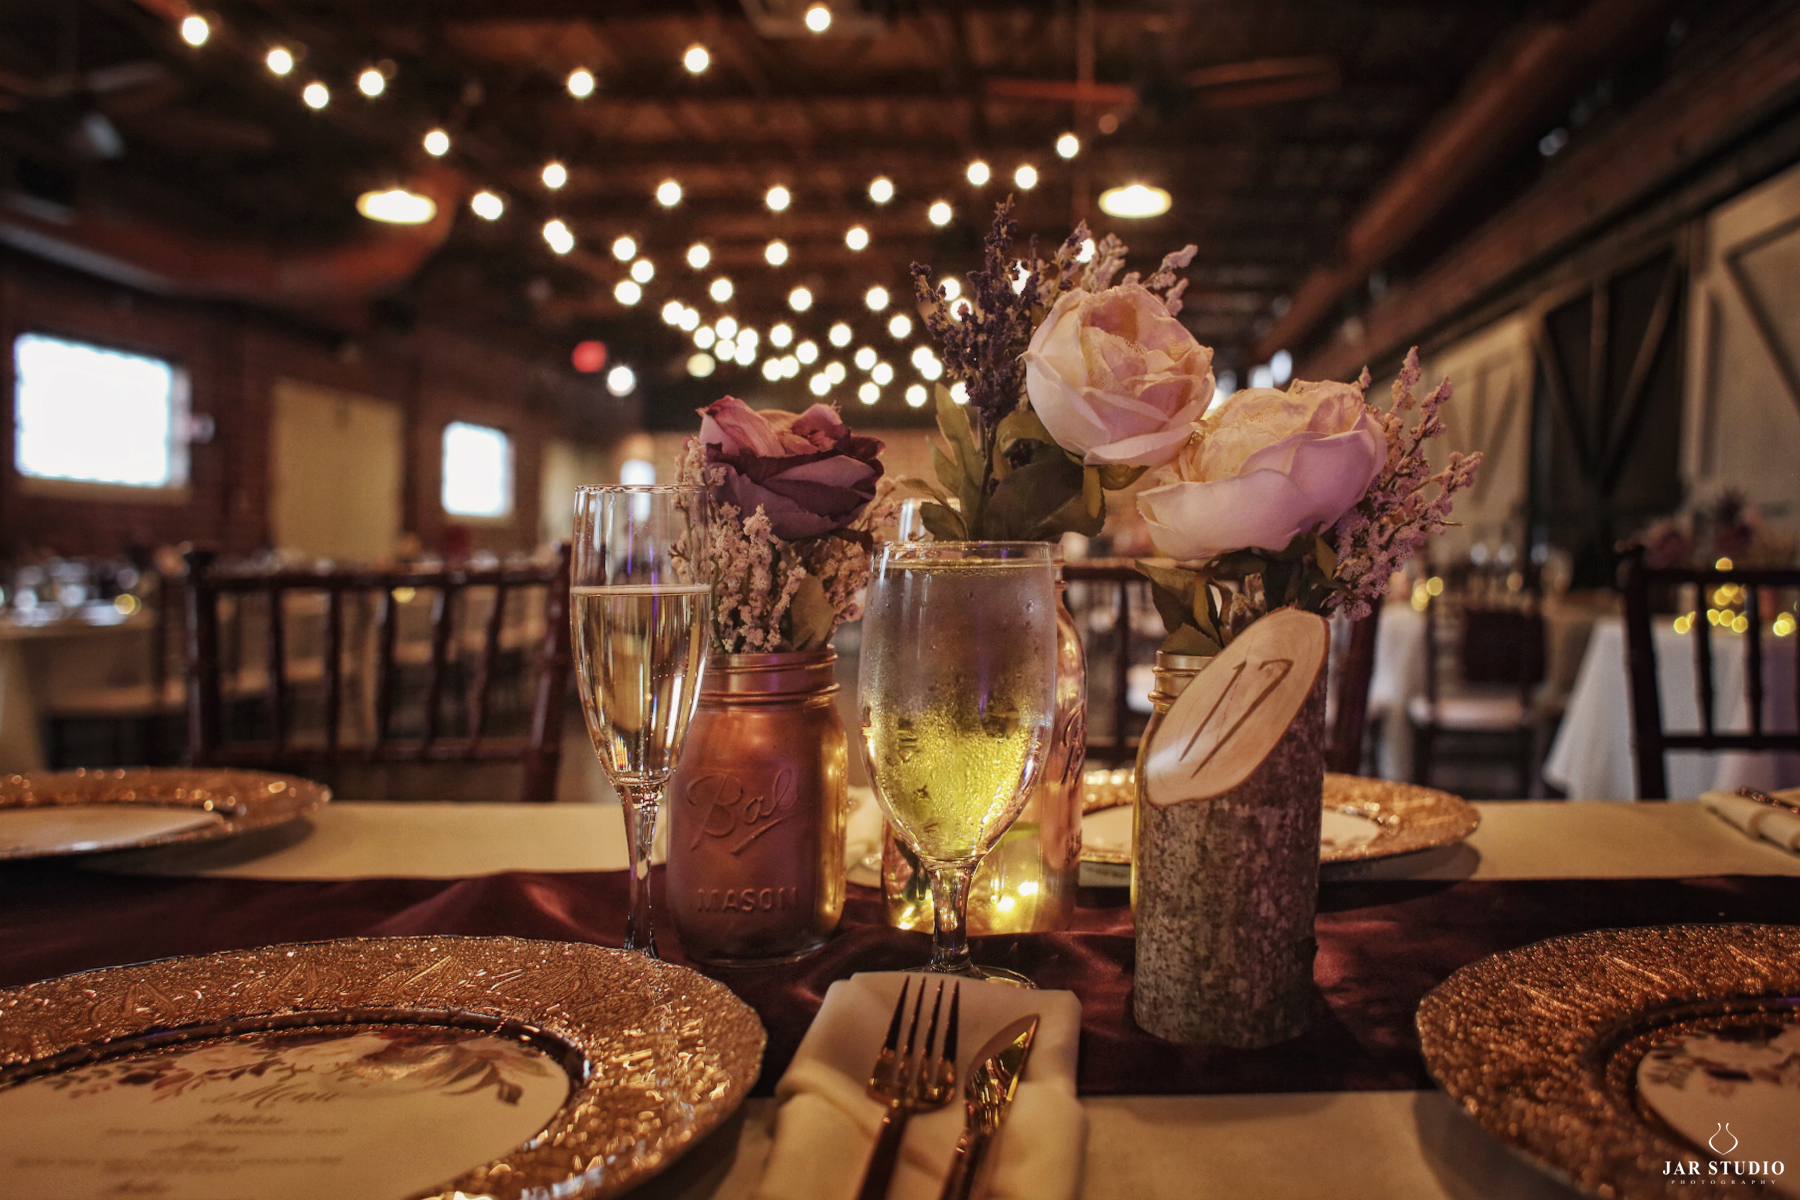 farmersmarket-decor-ideas-jarstudio-wedding-photographer-484.JPG